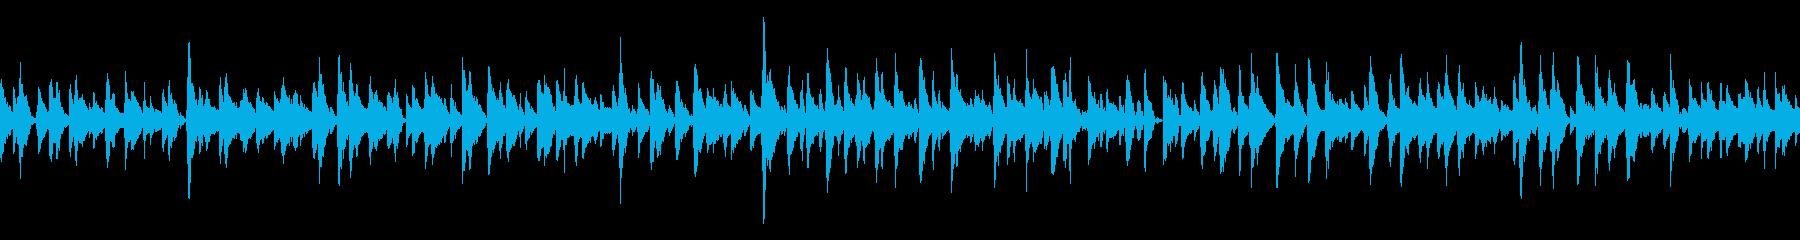 ペット大好き (ループ仕様)の再生済みの波形